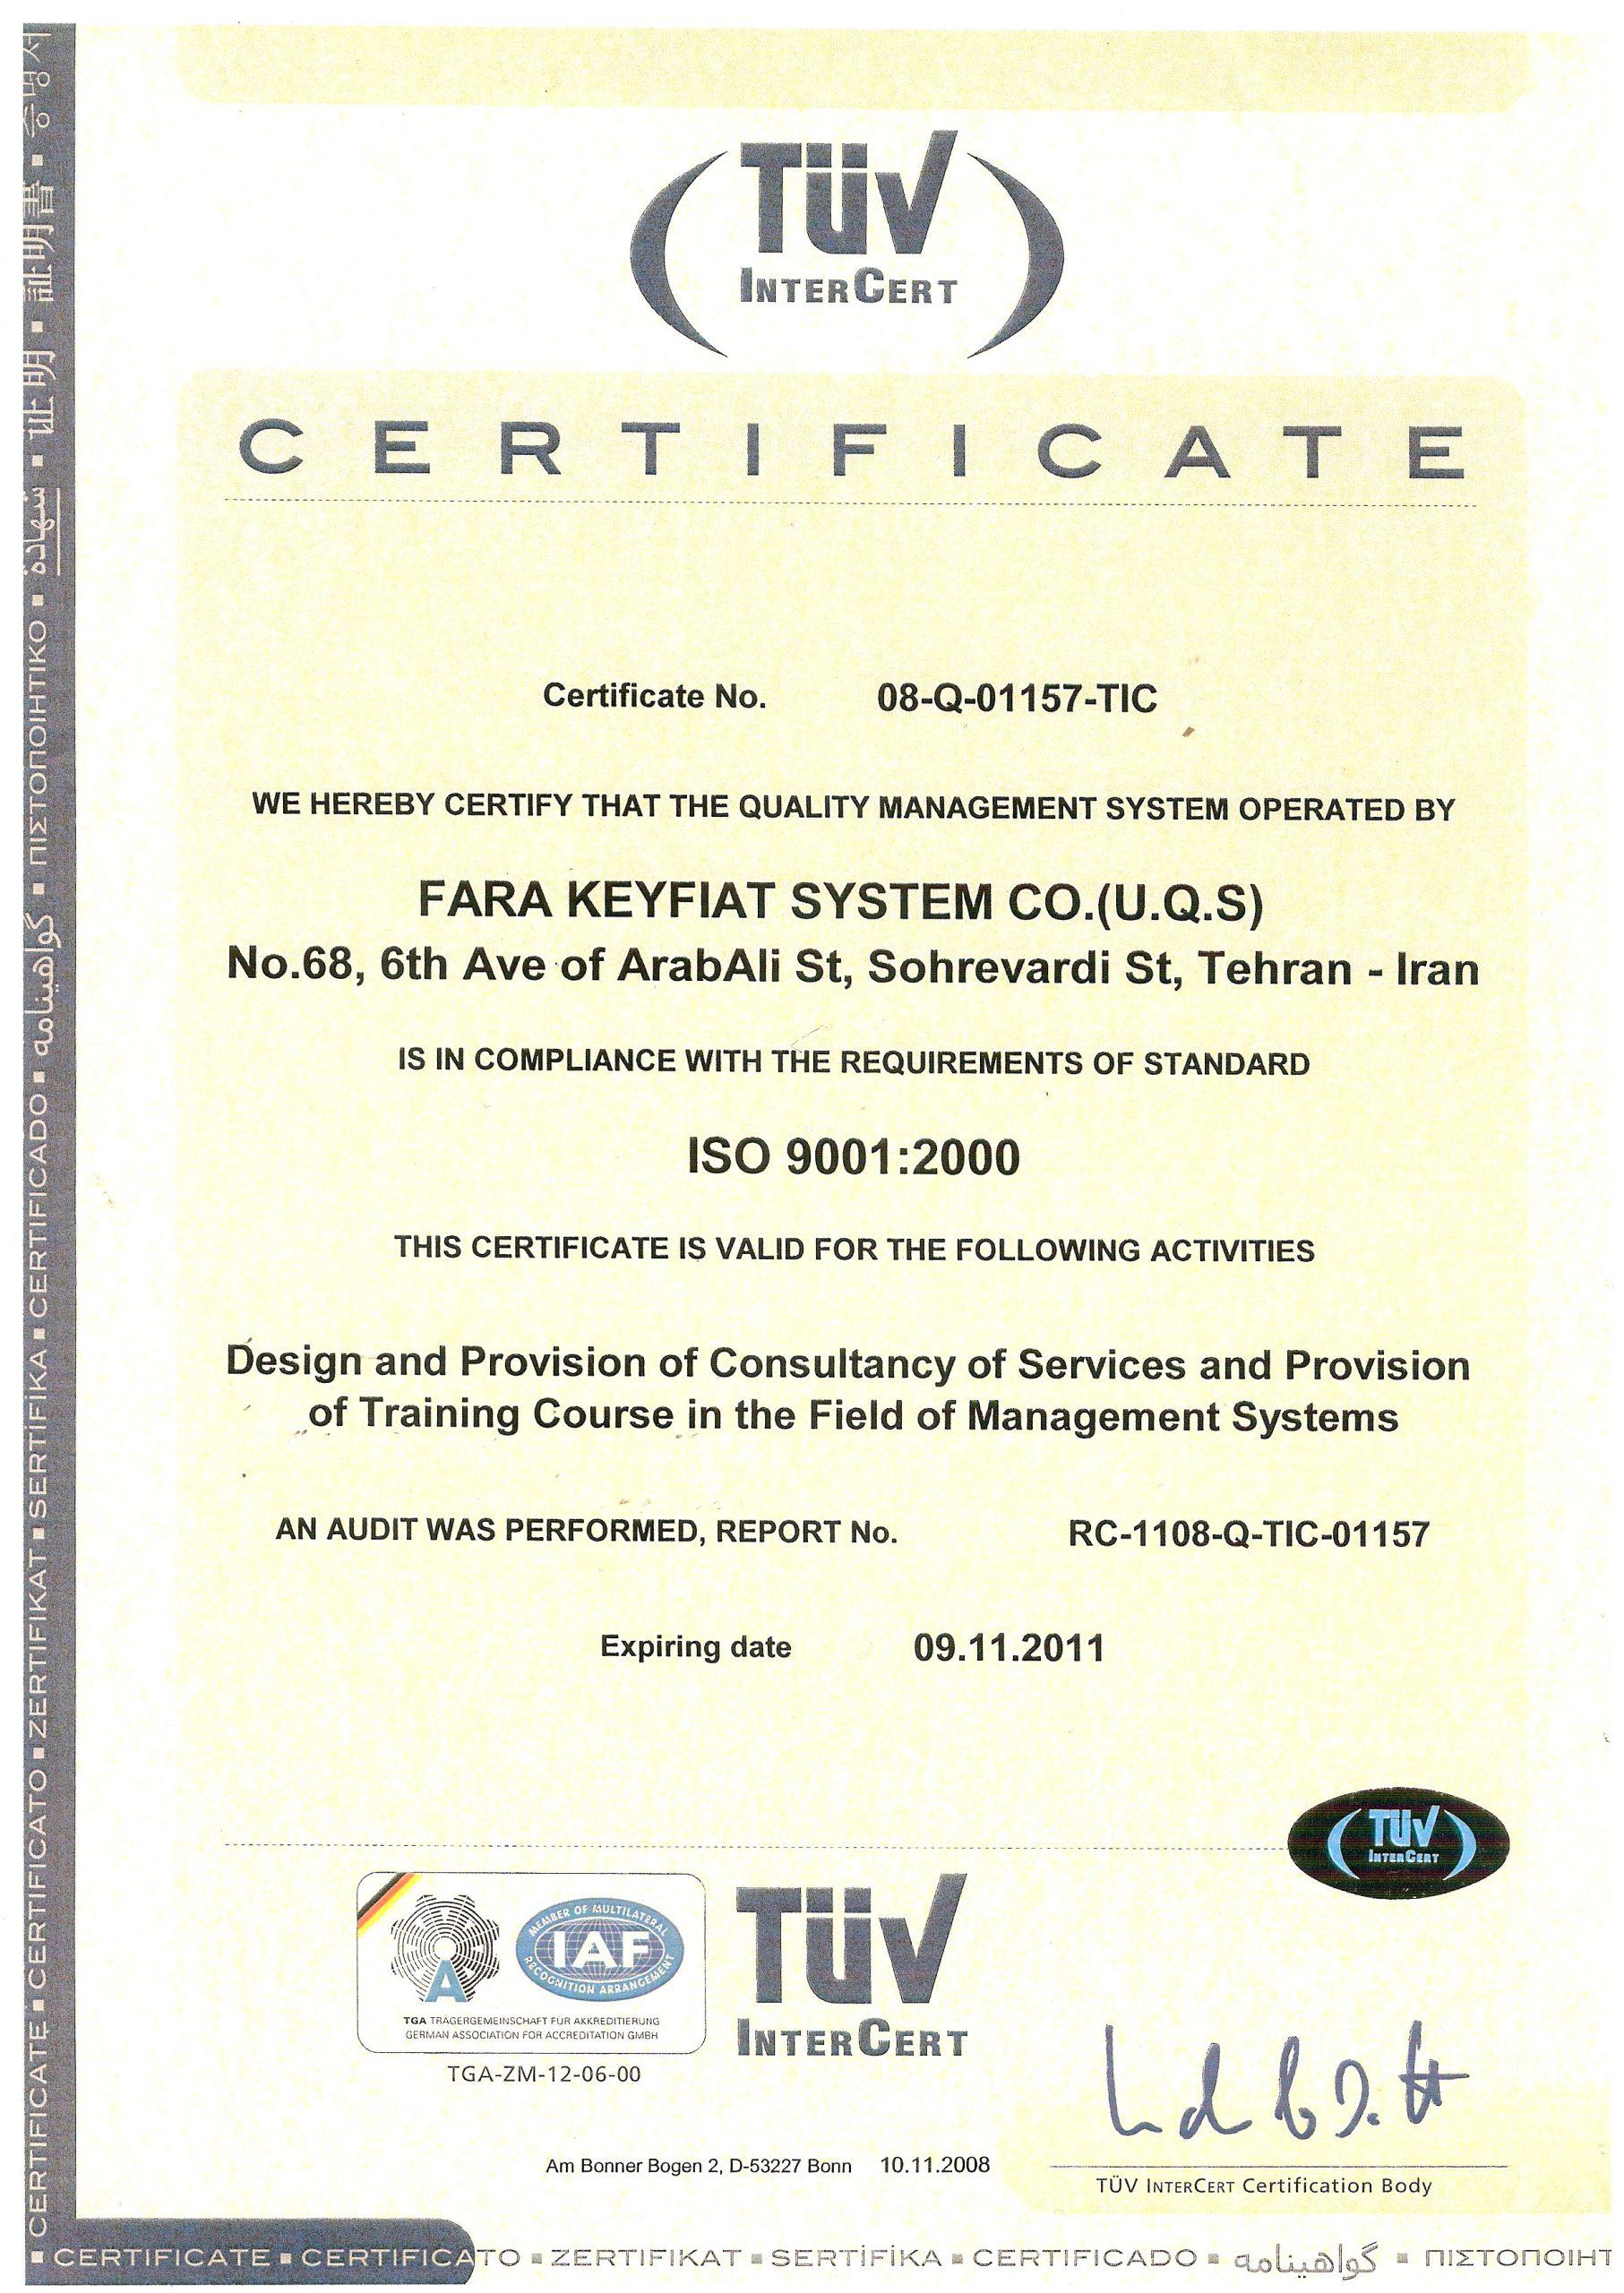 گواهینامه از شرکت Tuv